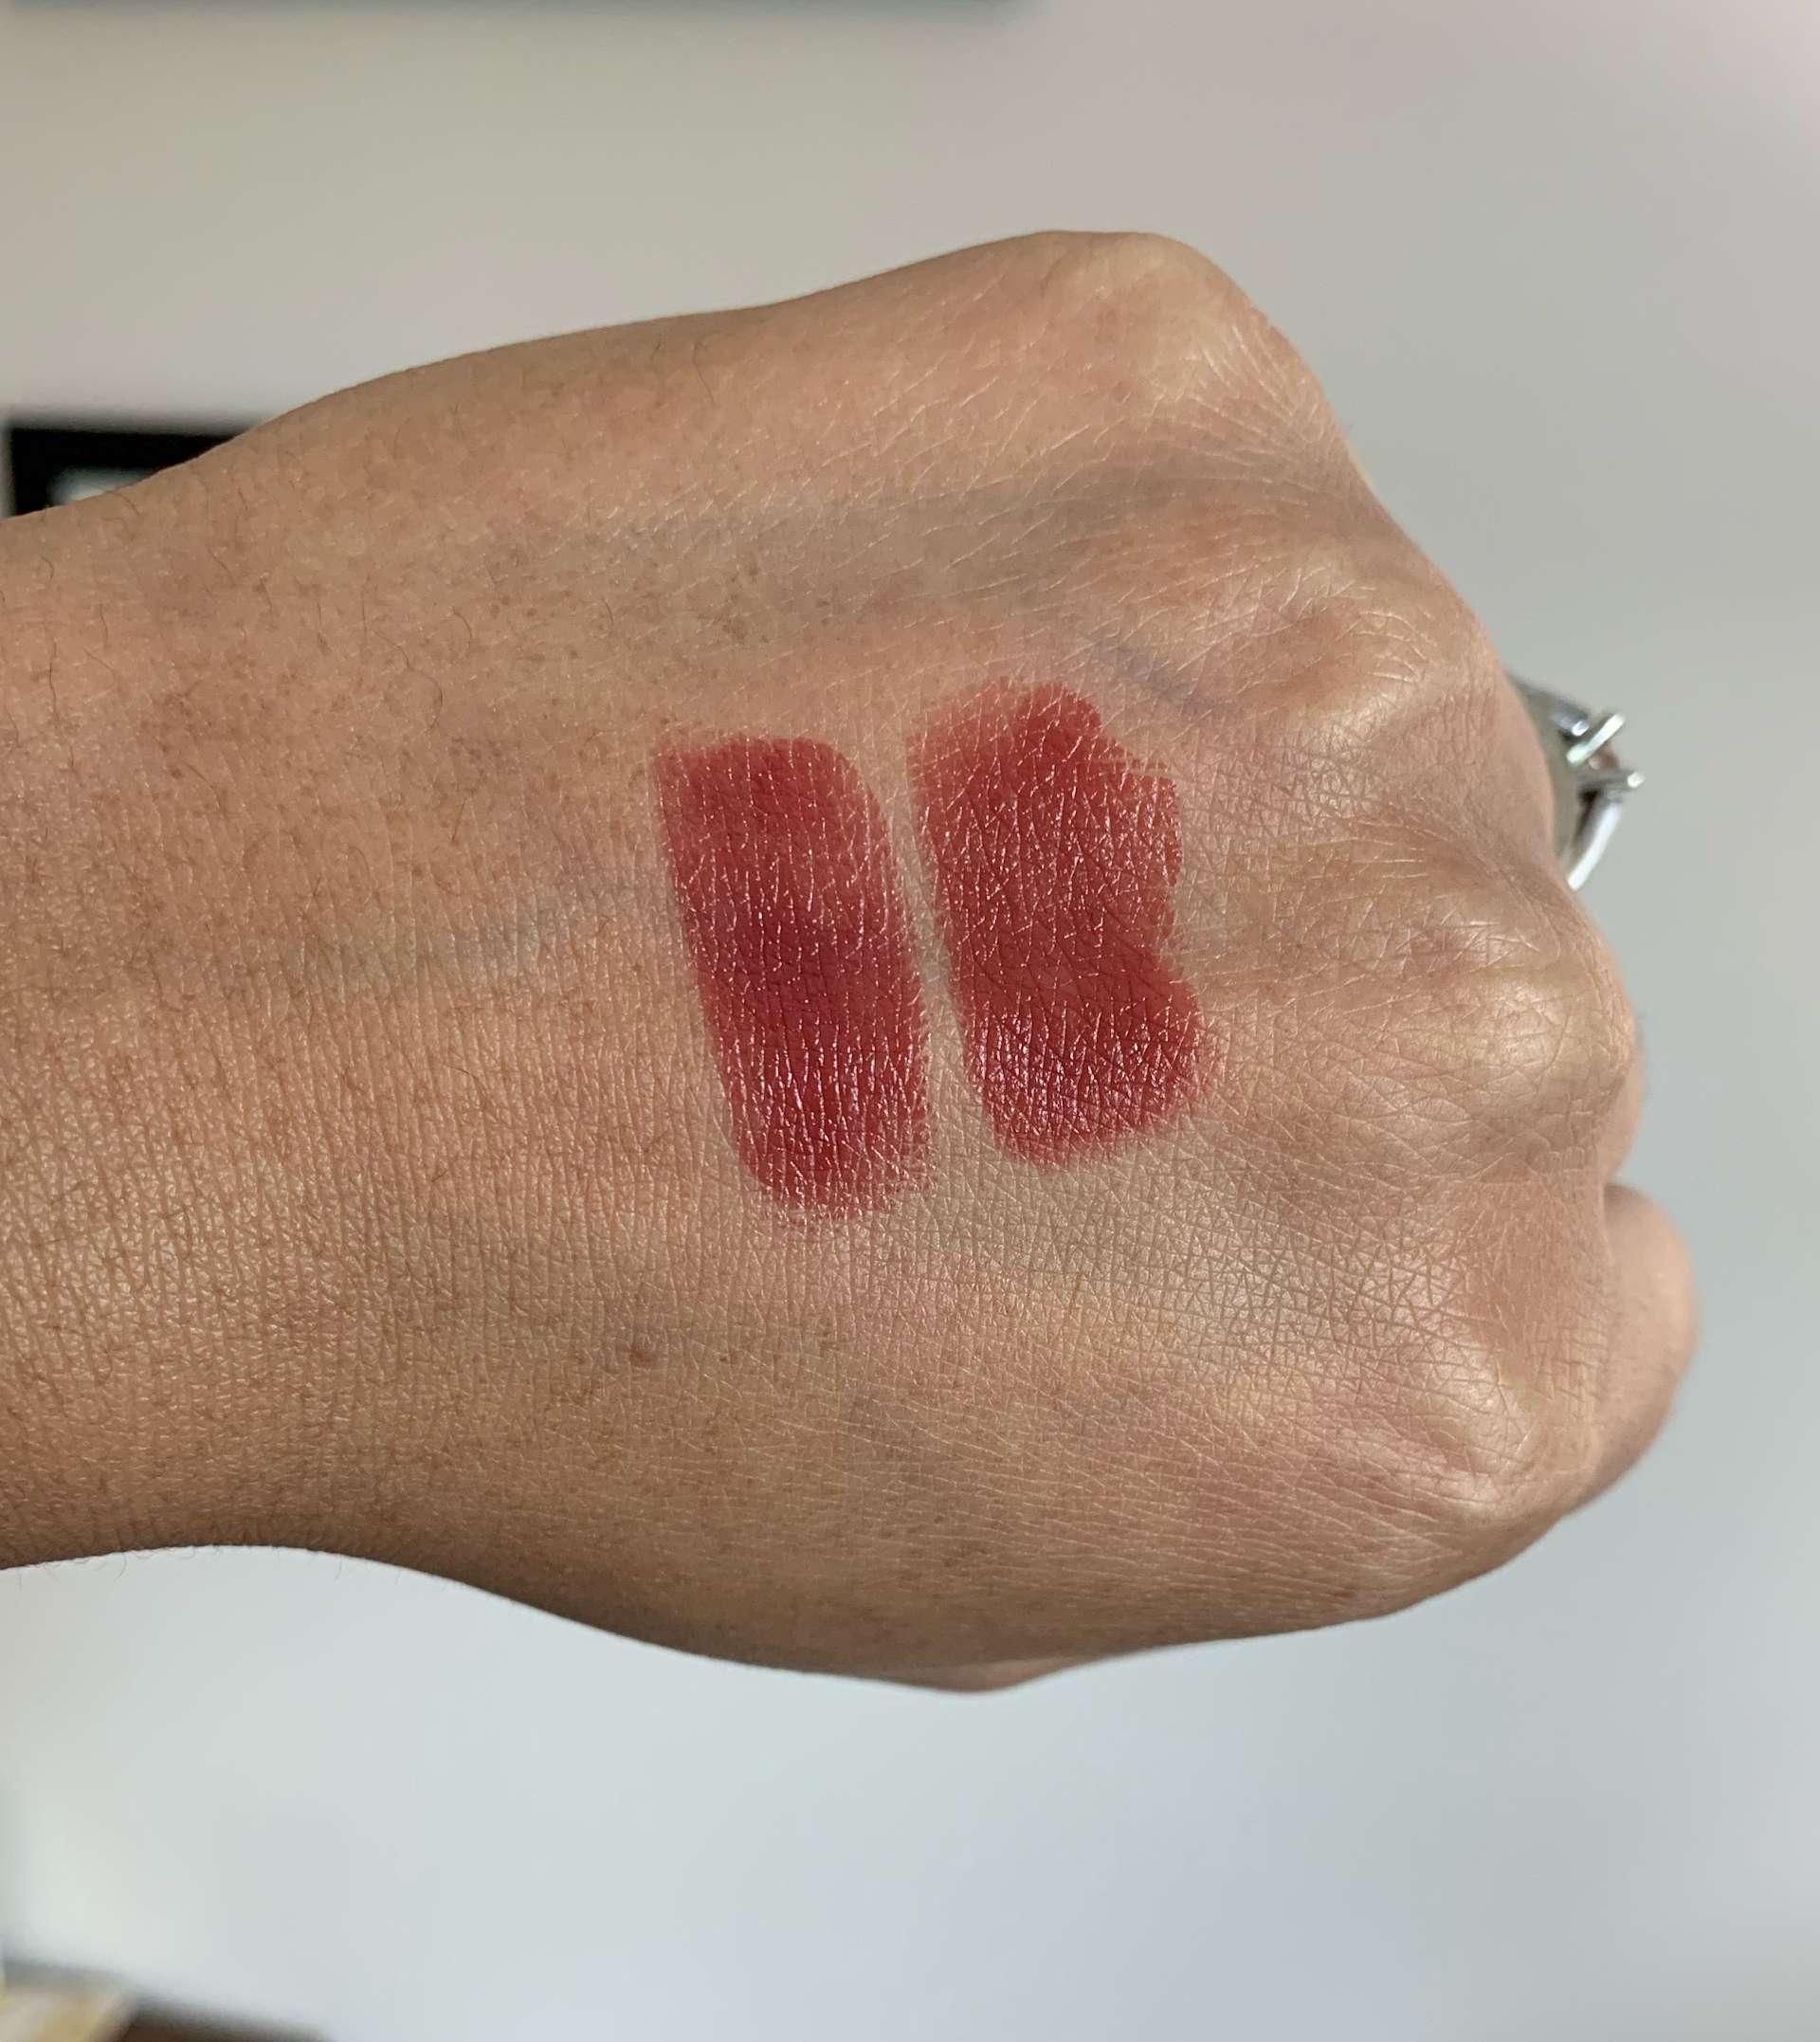 Chanel Rouge Coco Bloom 114 Glow vs Revlon Rum Raisin Swatches